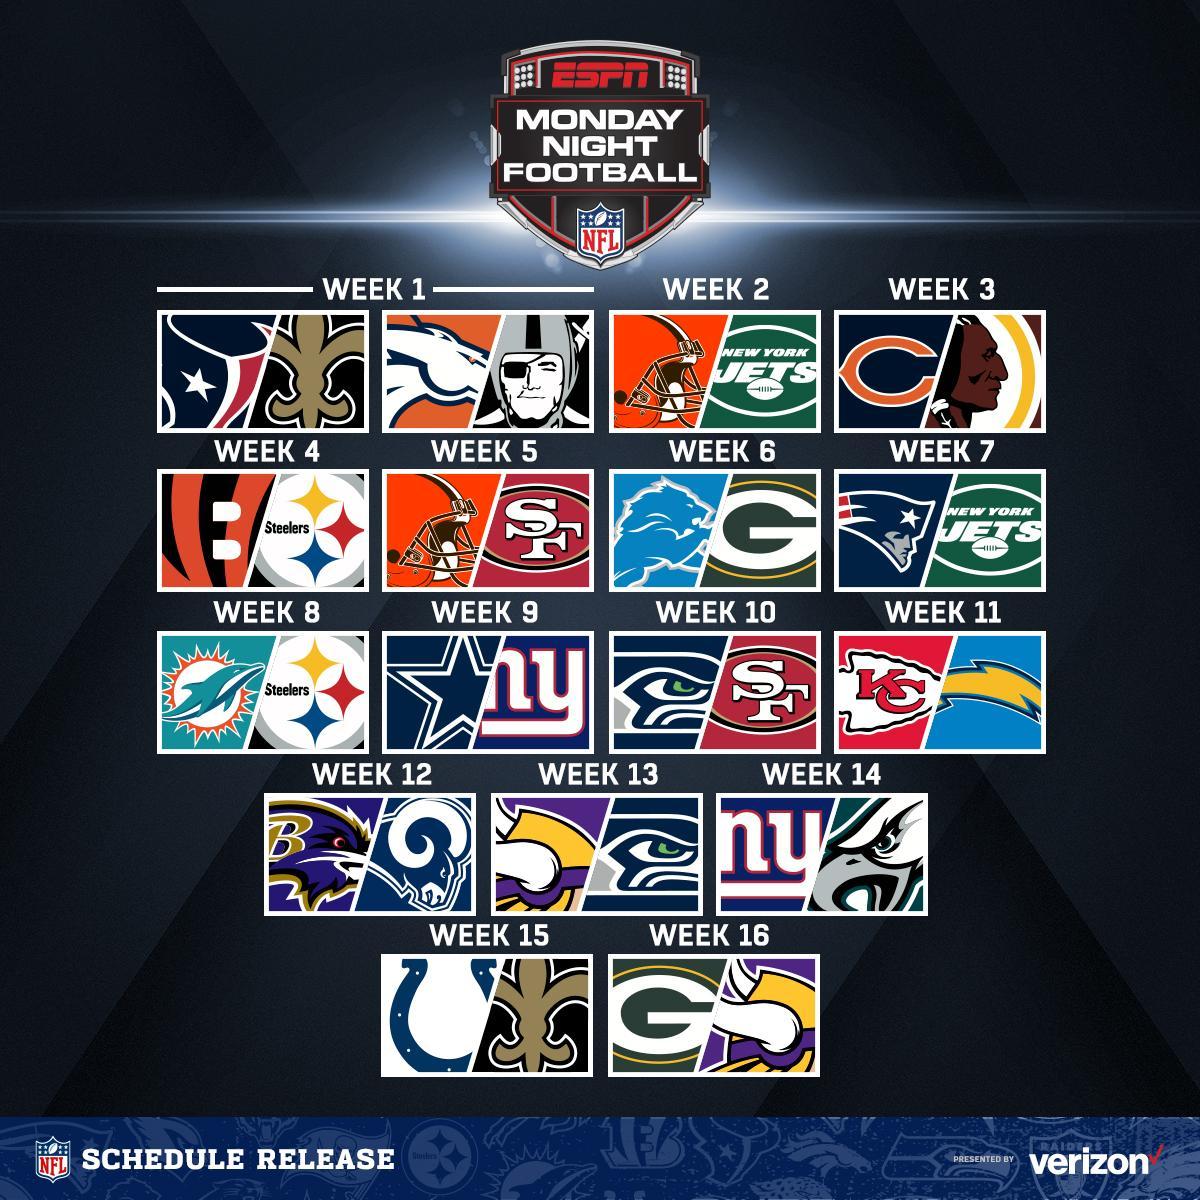 NFL's photo on Monday Night Football